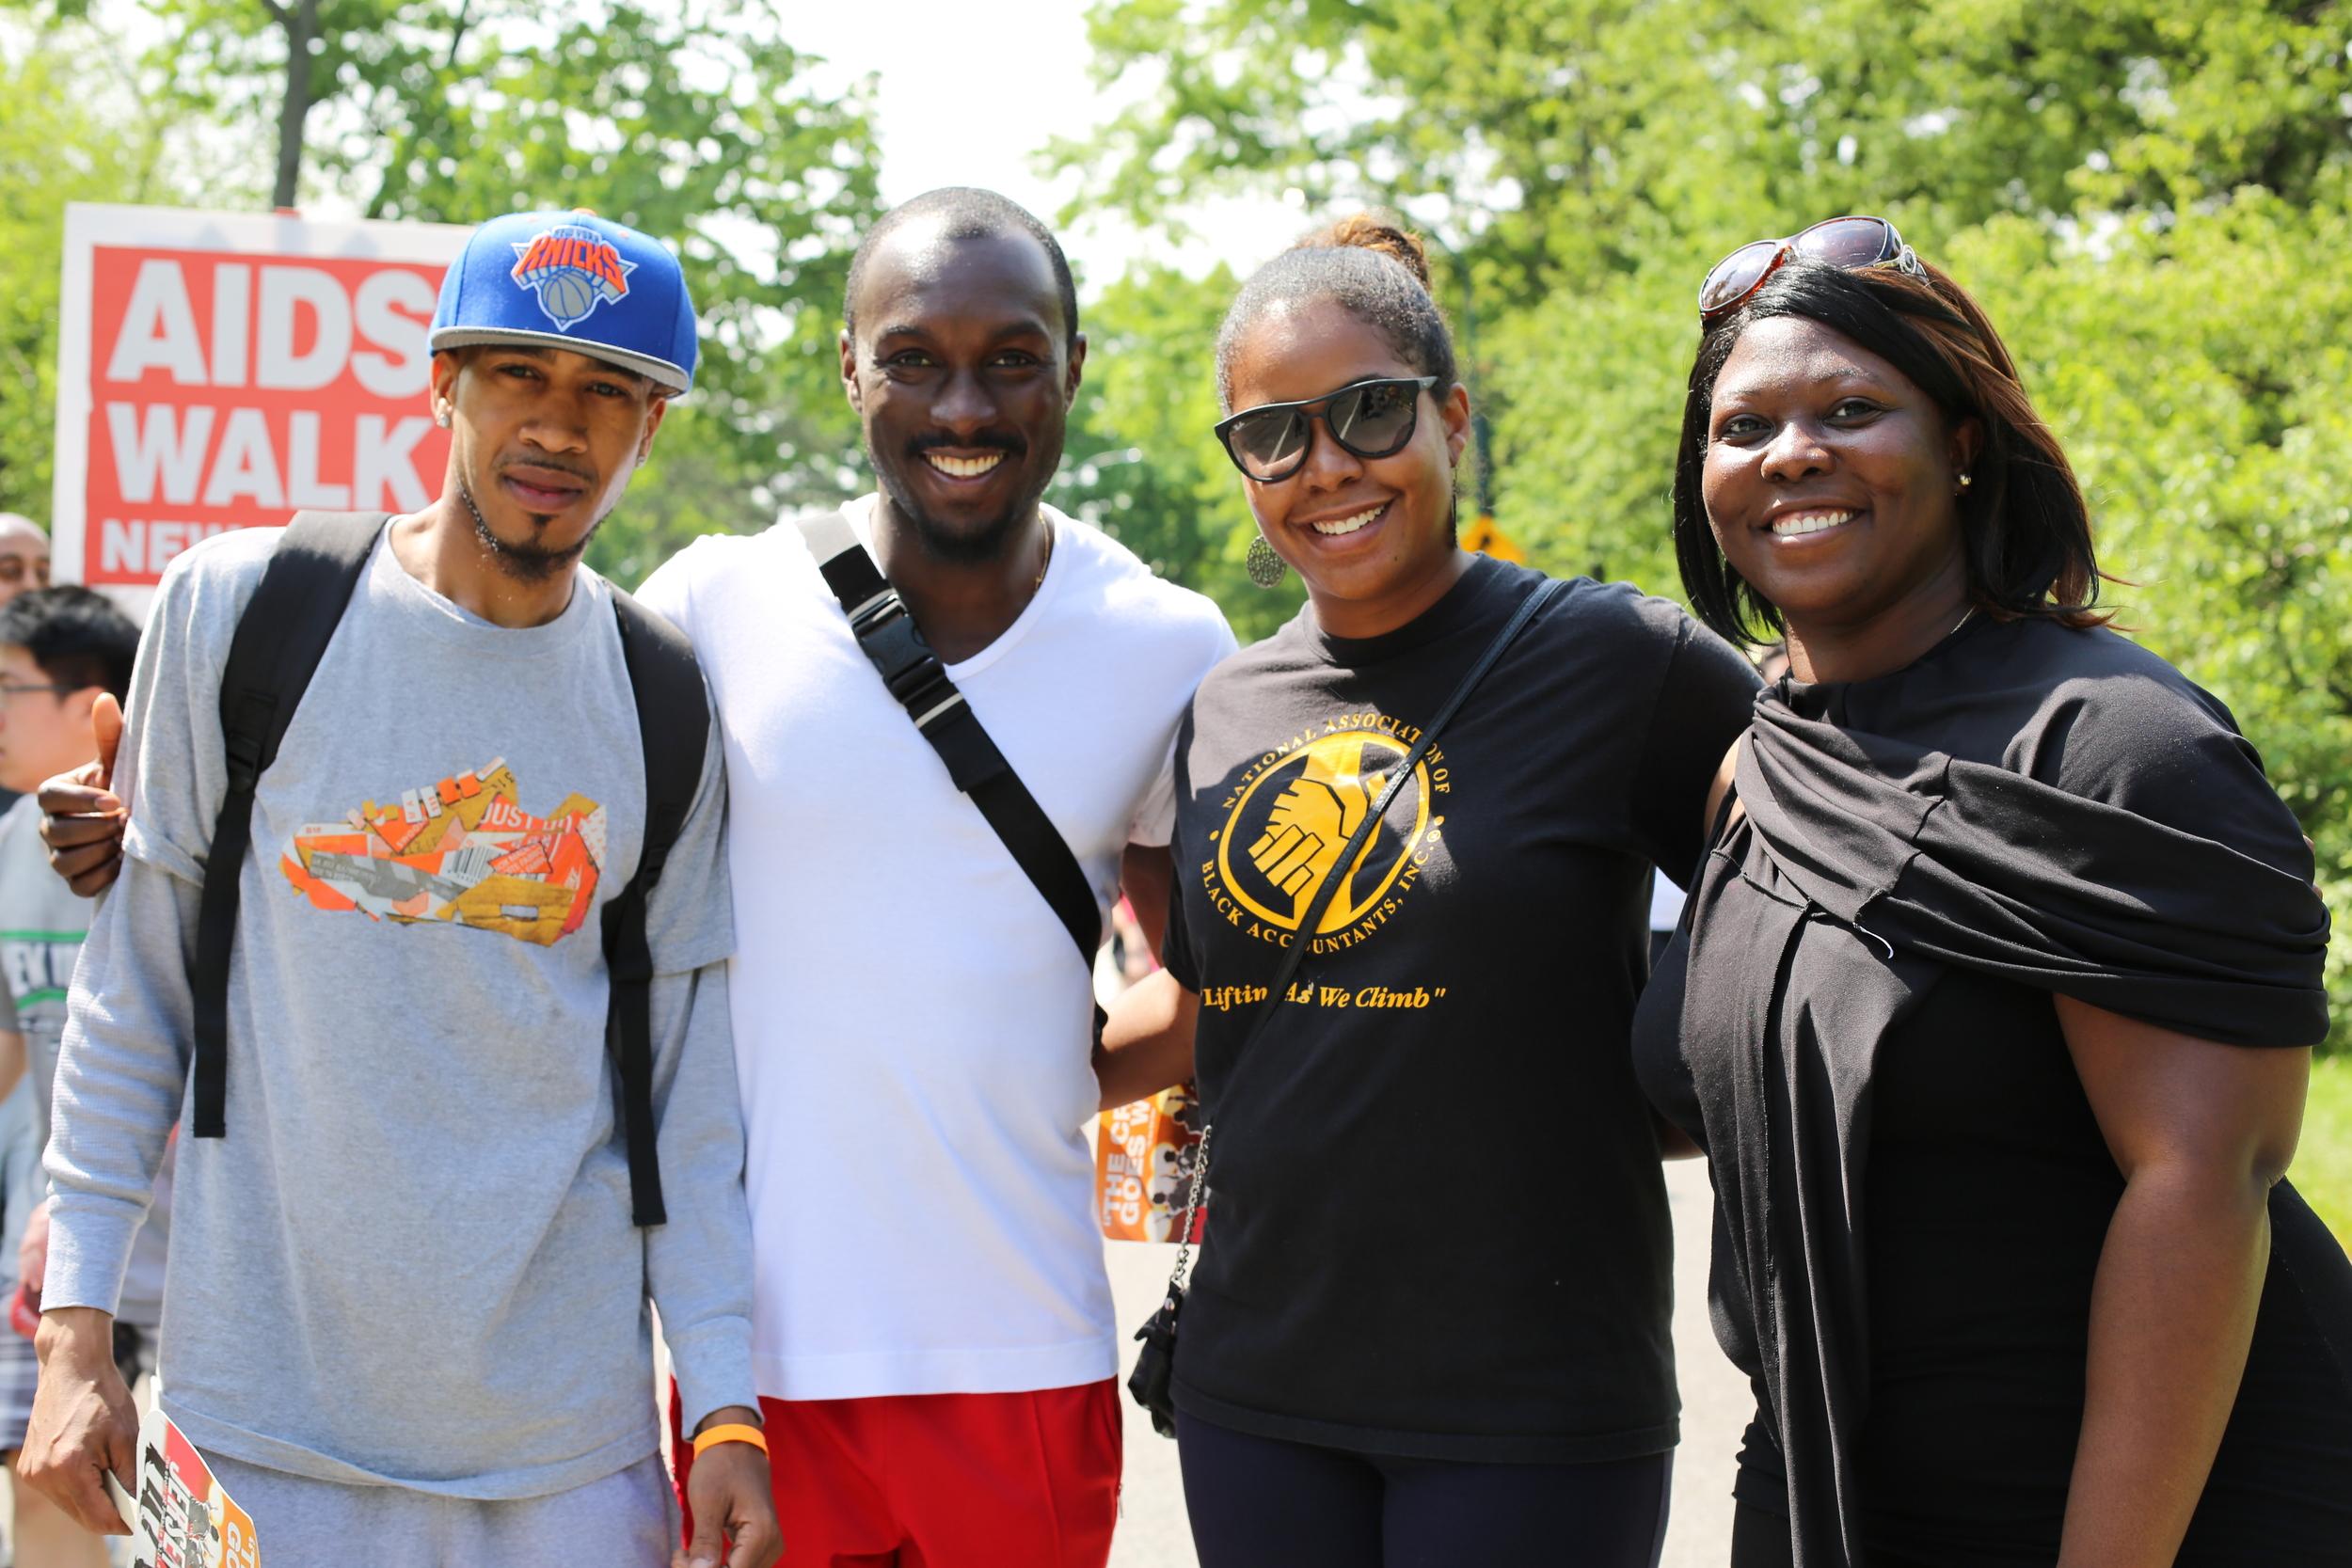 30TH ANNUAL AIDS WALK NEW YORK